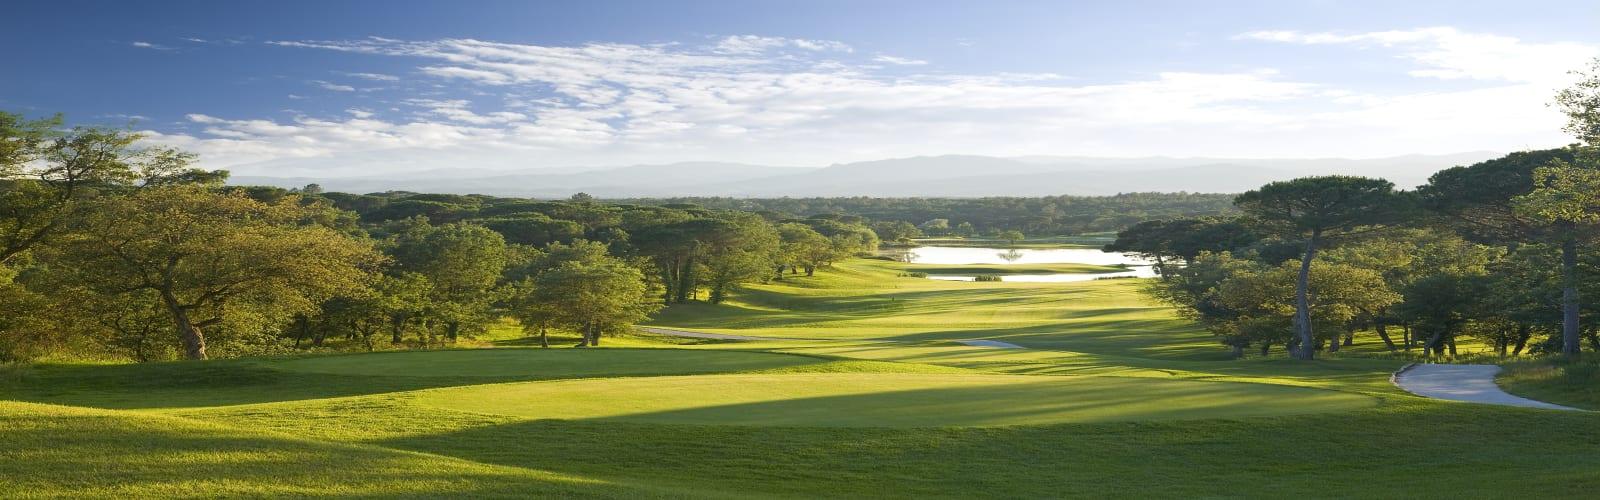 PGA Catalunya Resort: Top Rated